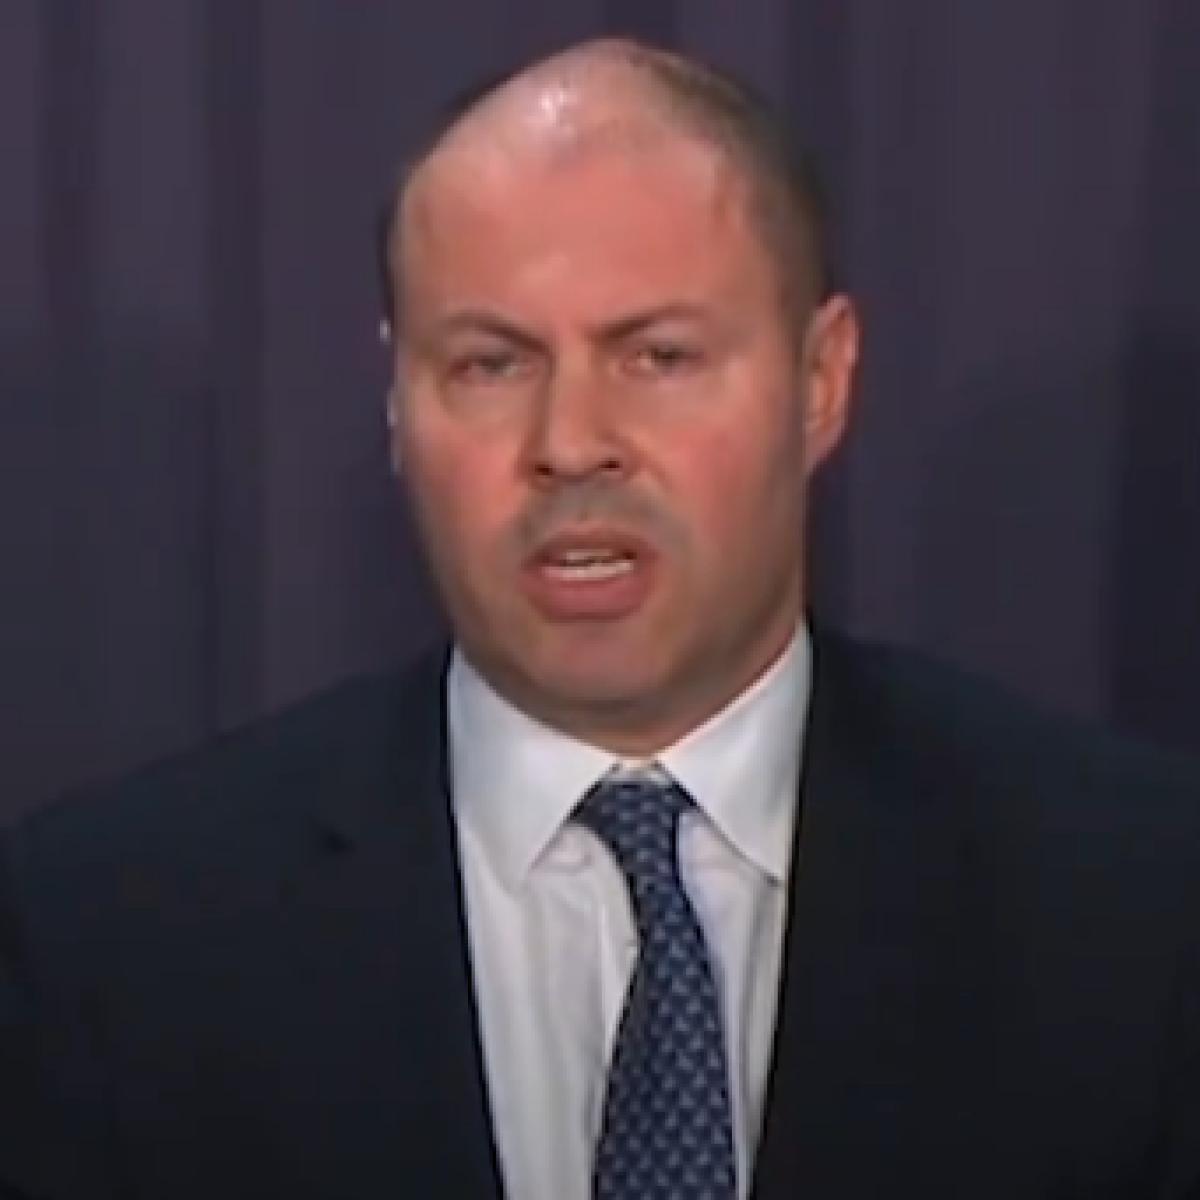 Australia Treasurer slammed for racist remarks